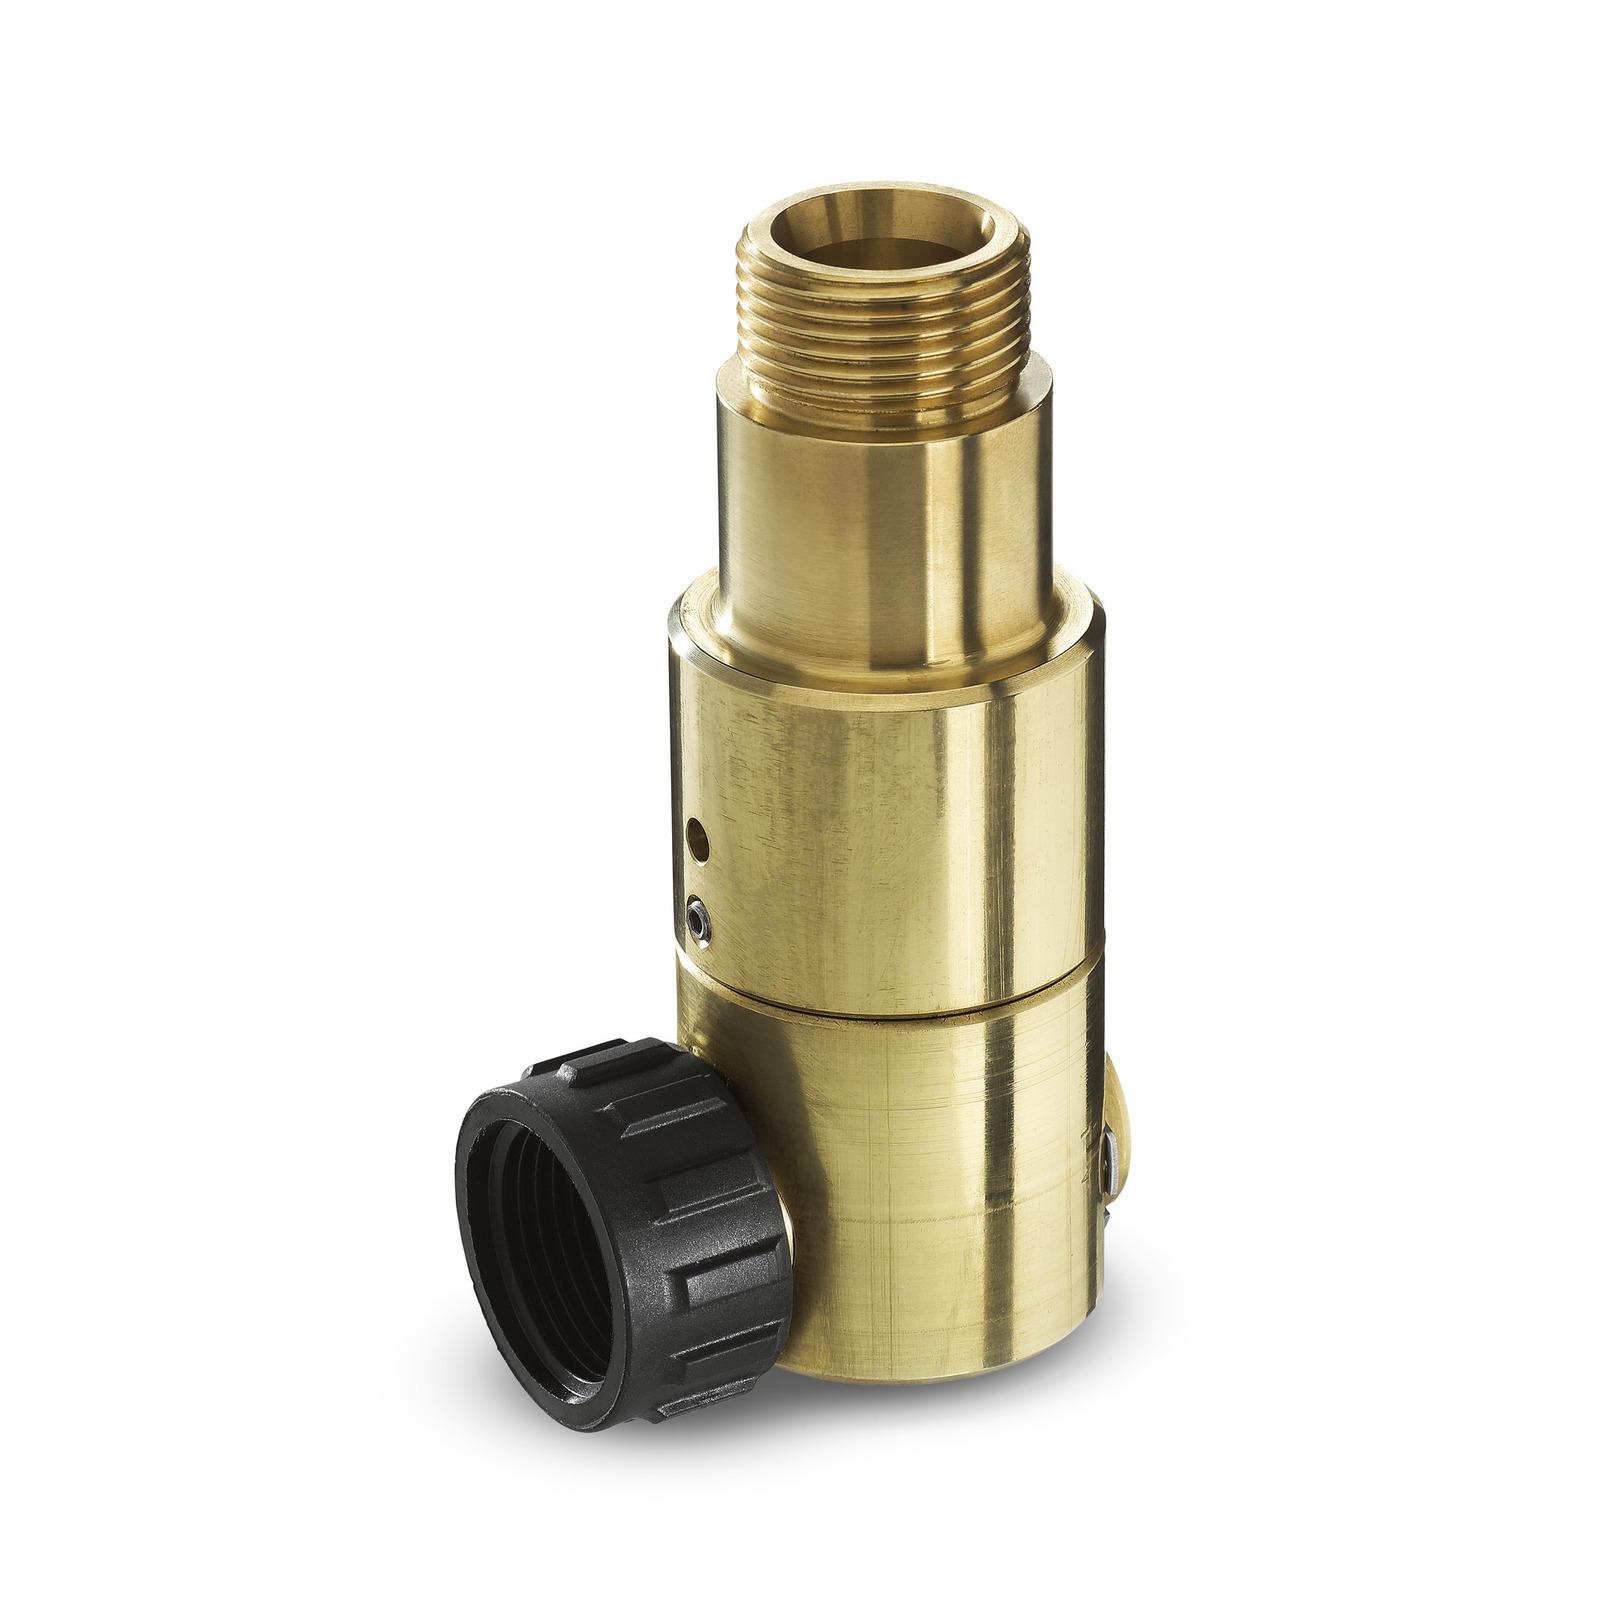 Обратный клапан на вентиляцию: устройство, виды, цены.